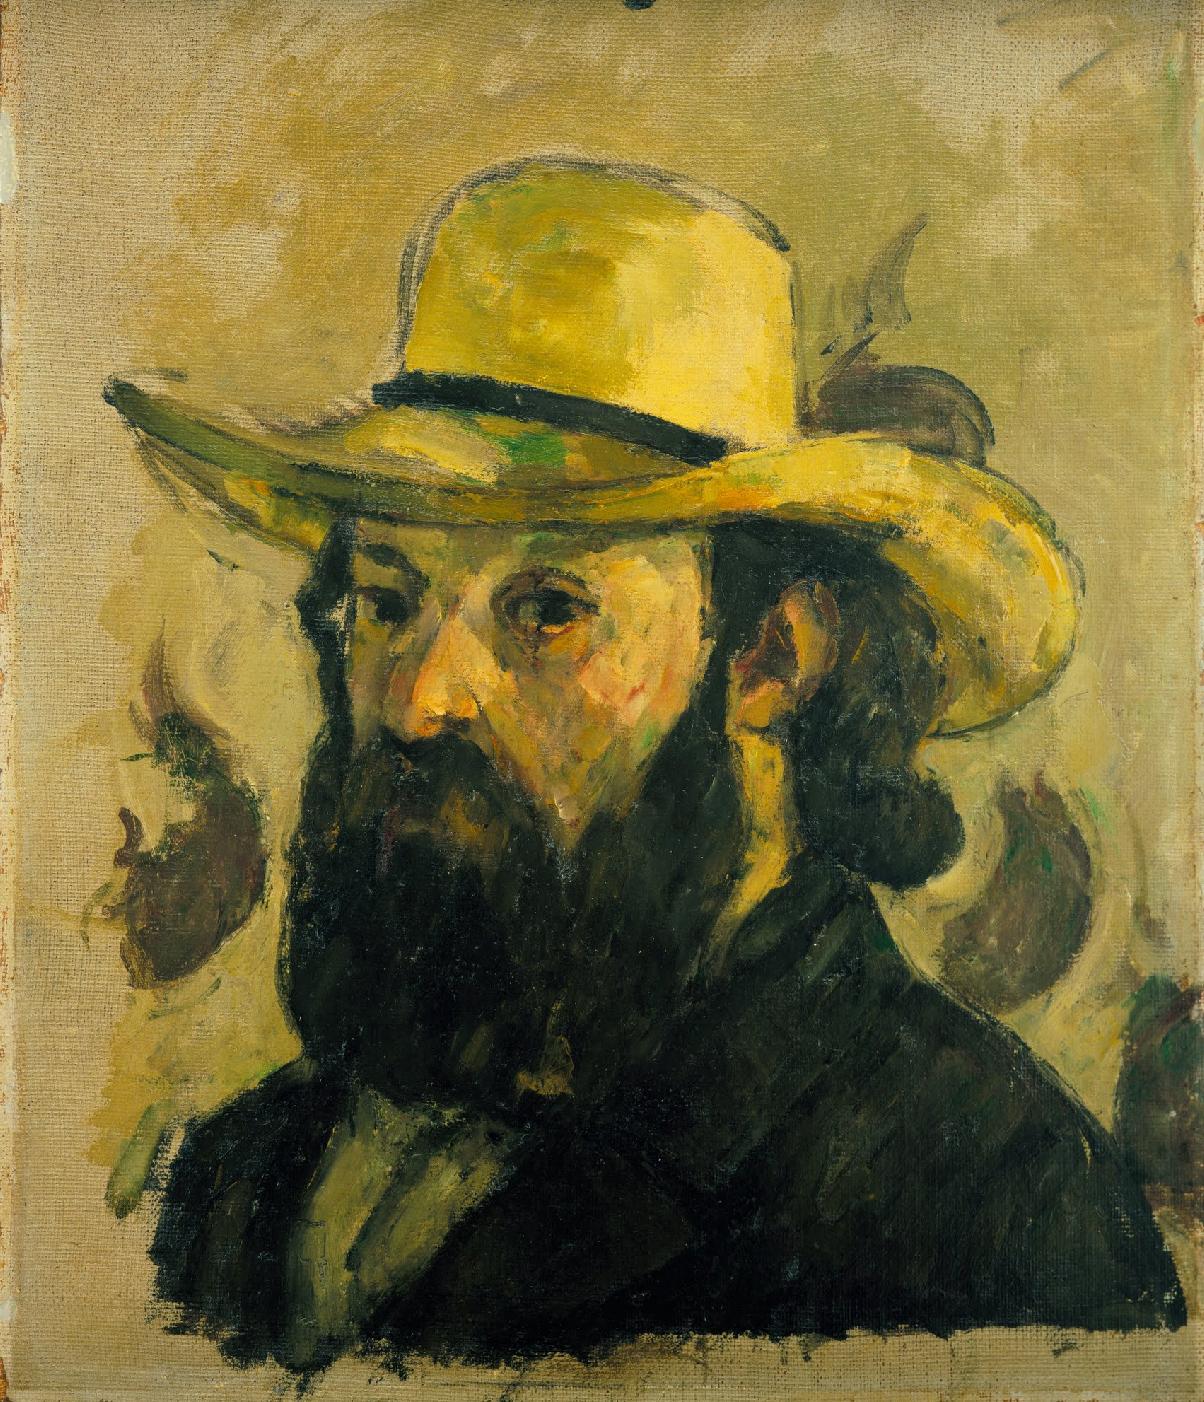 Paul Cézanne, Self-Portrait in a Straw Hat, 1875-6, MOMA